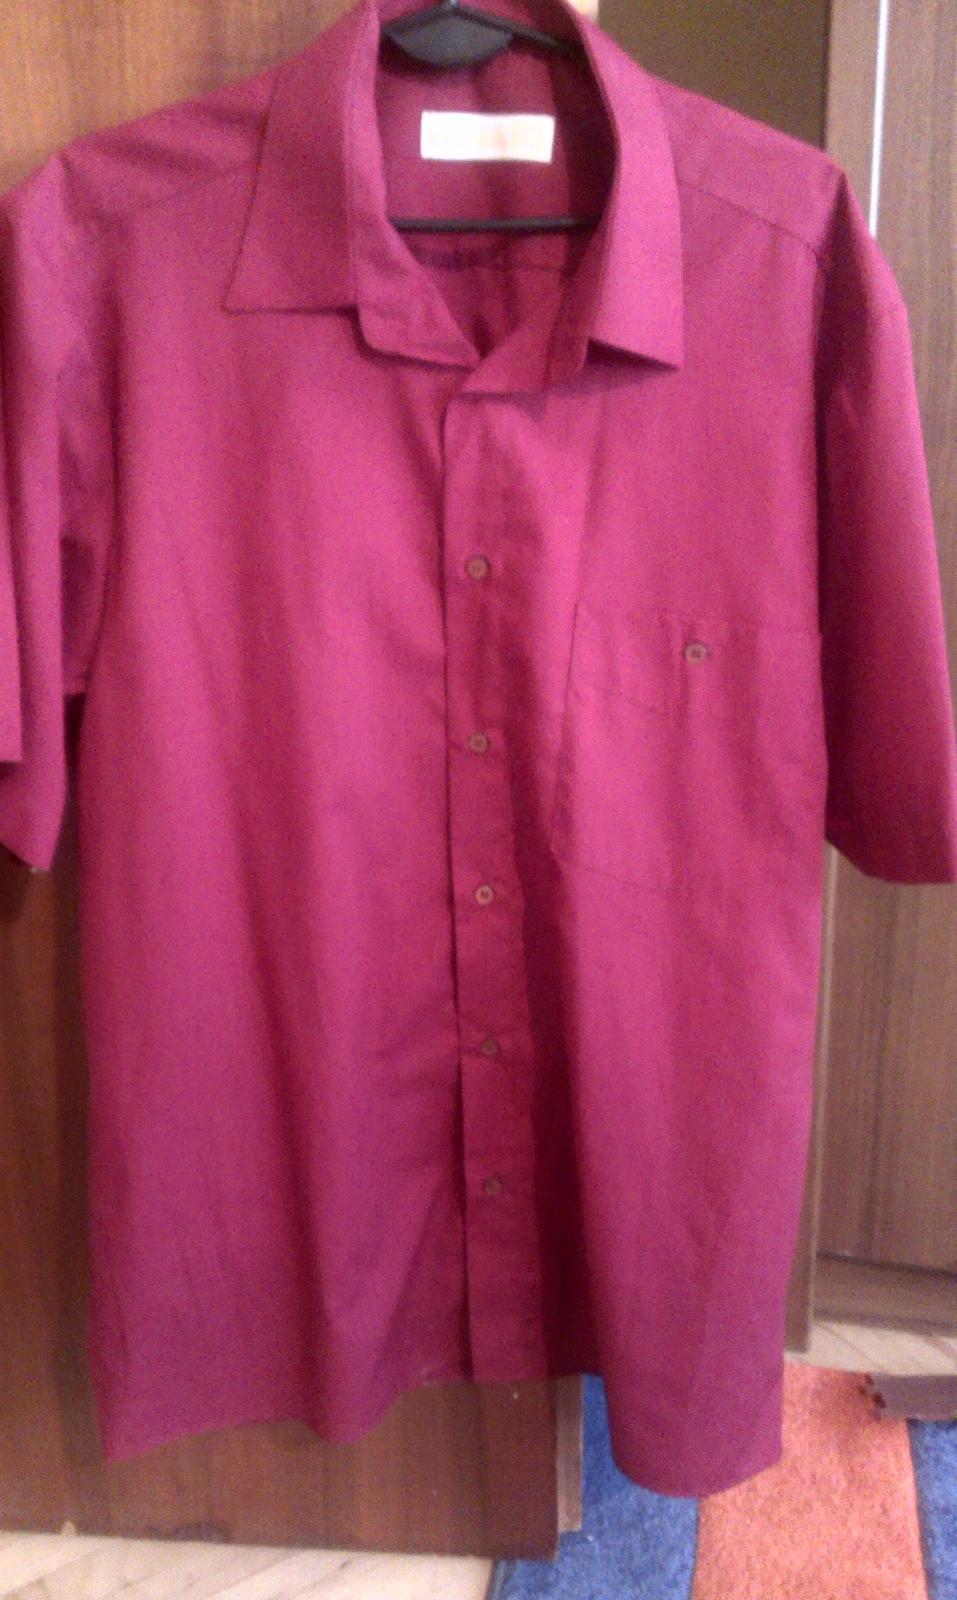 Bordová košeľa - Obrázok č. 1